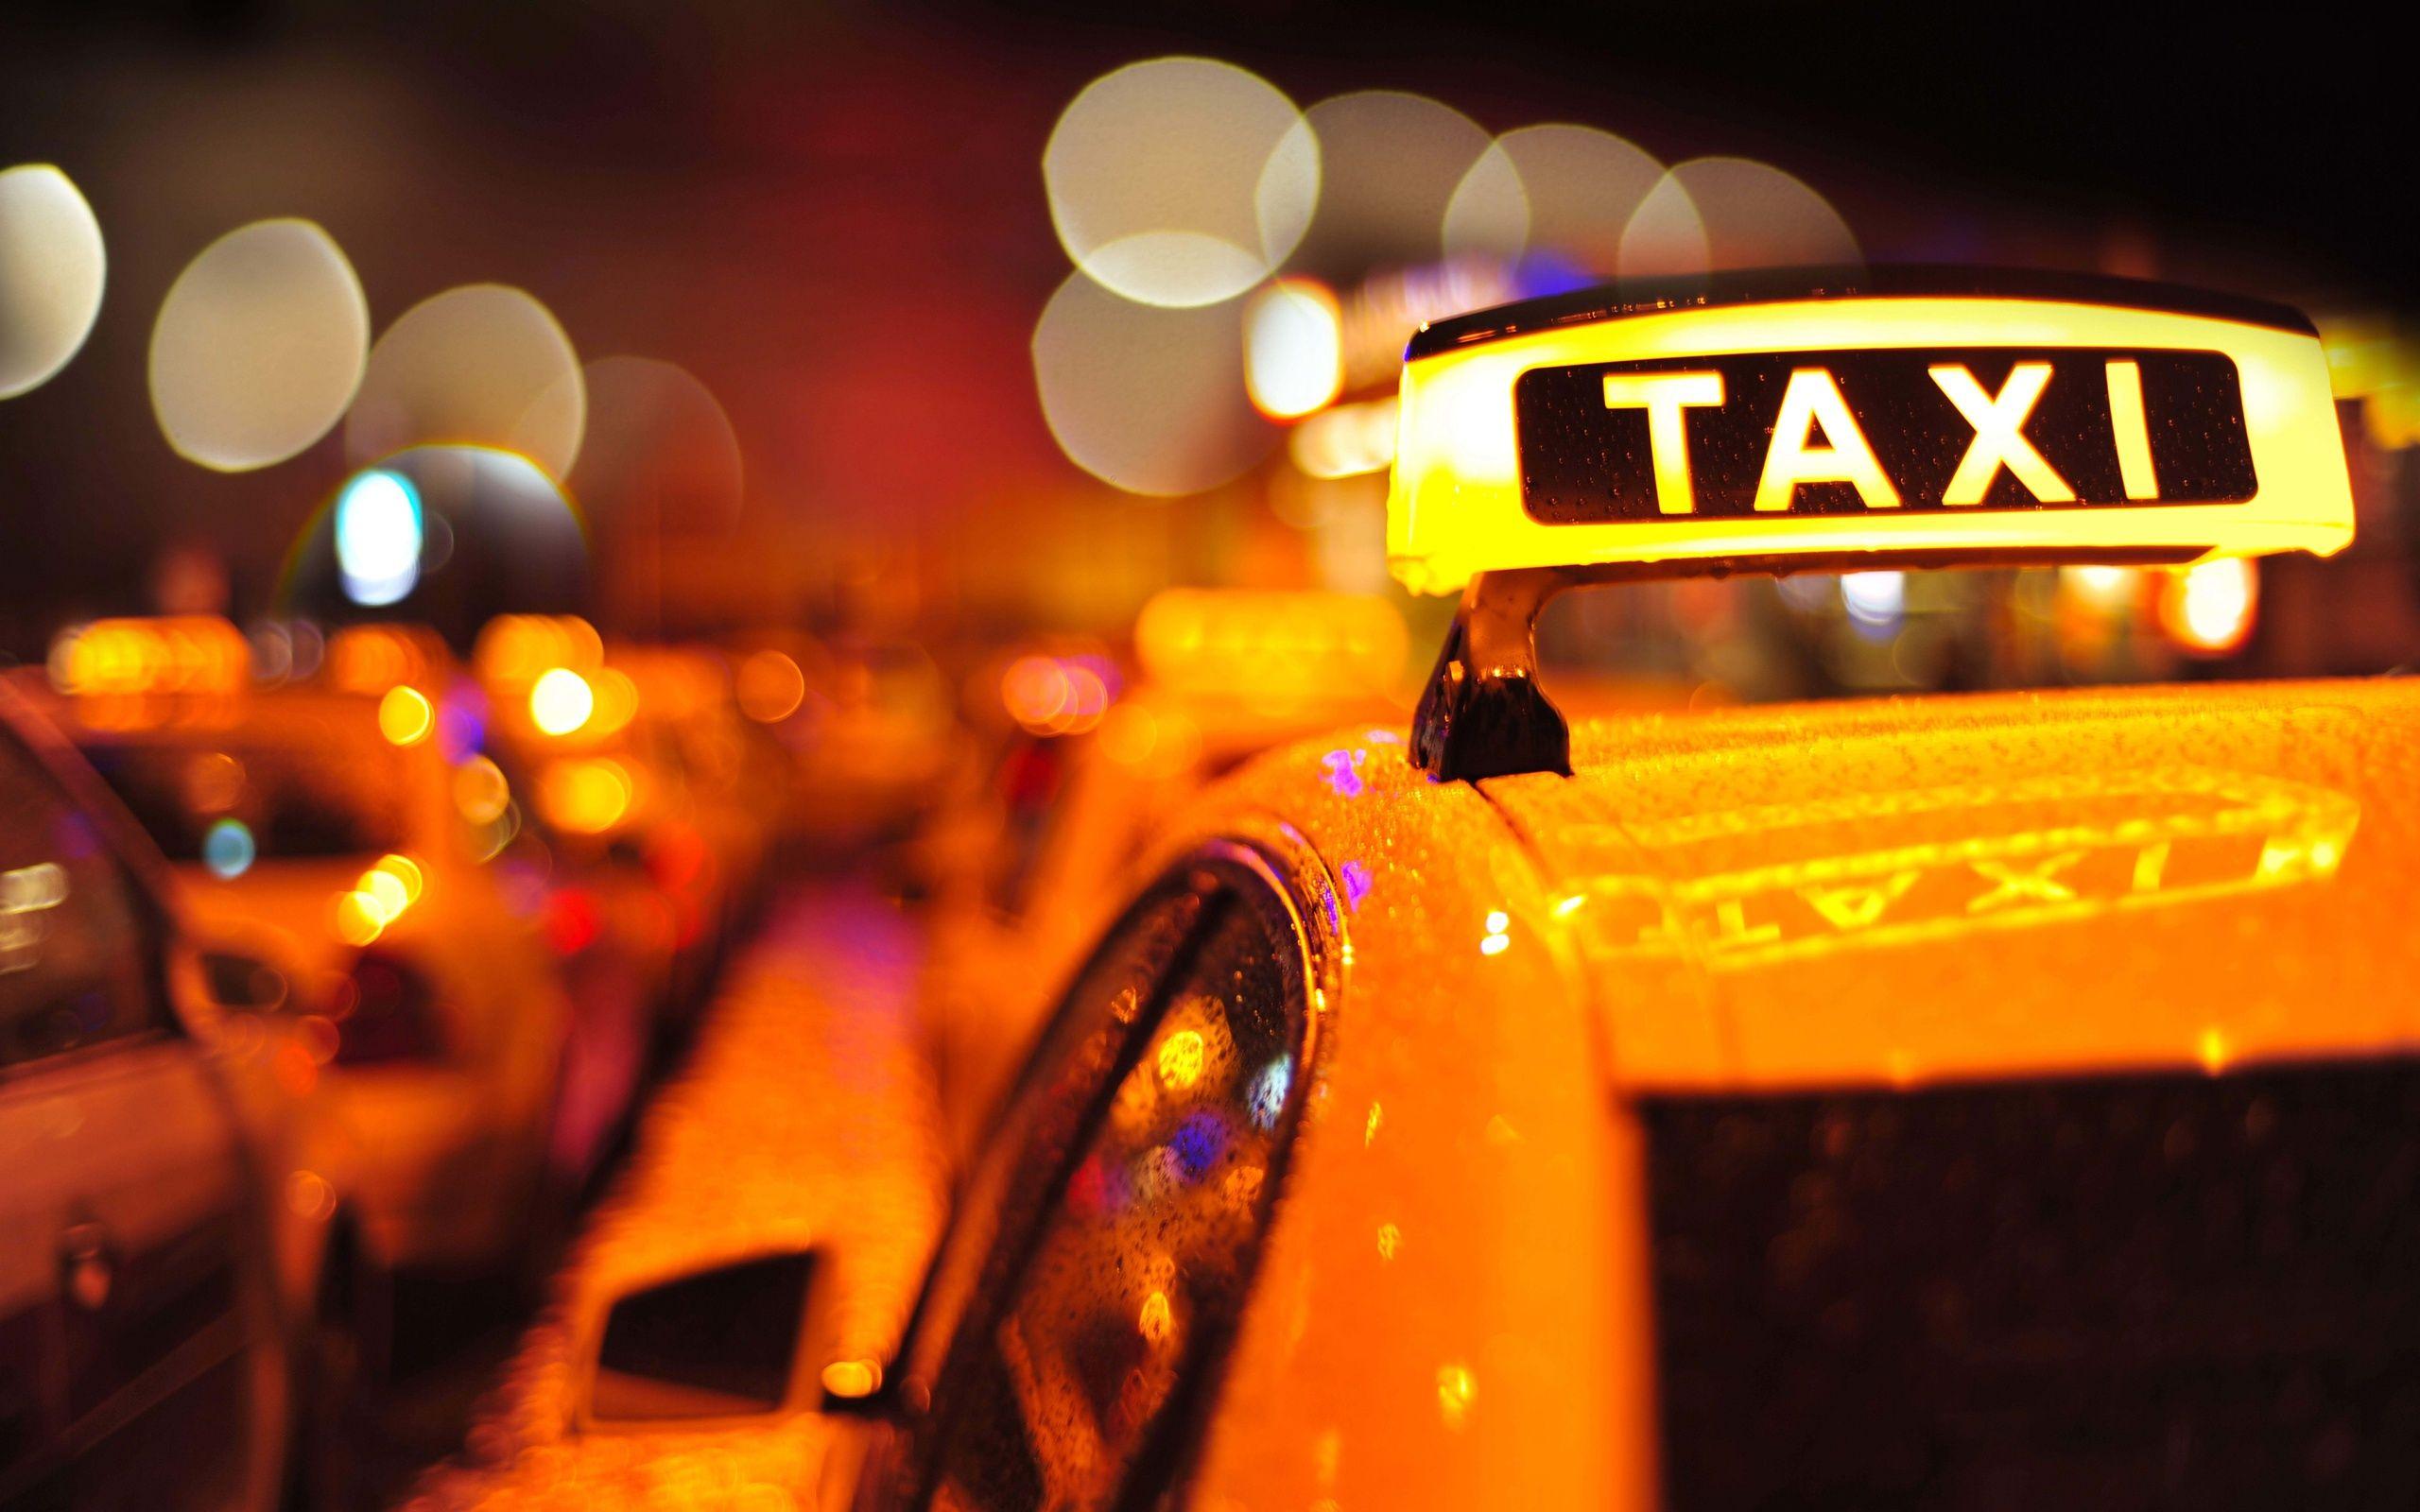 Taxi sulla folla all'aeroporto di Boston: 9 persone travolte, molte sono gravi